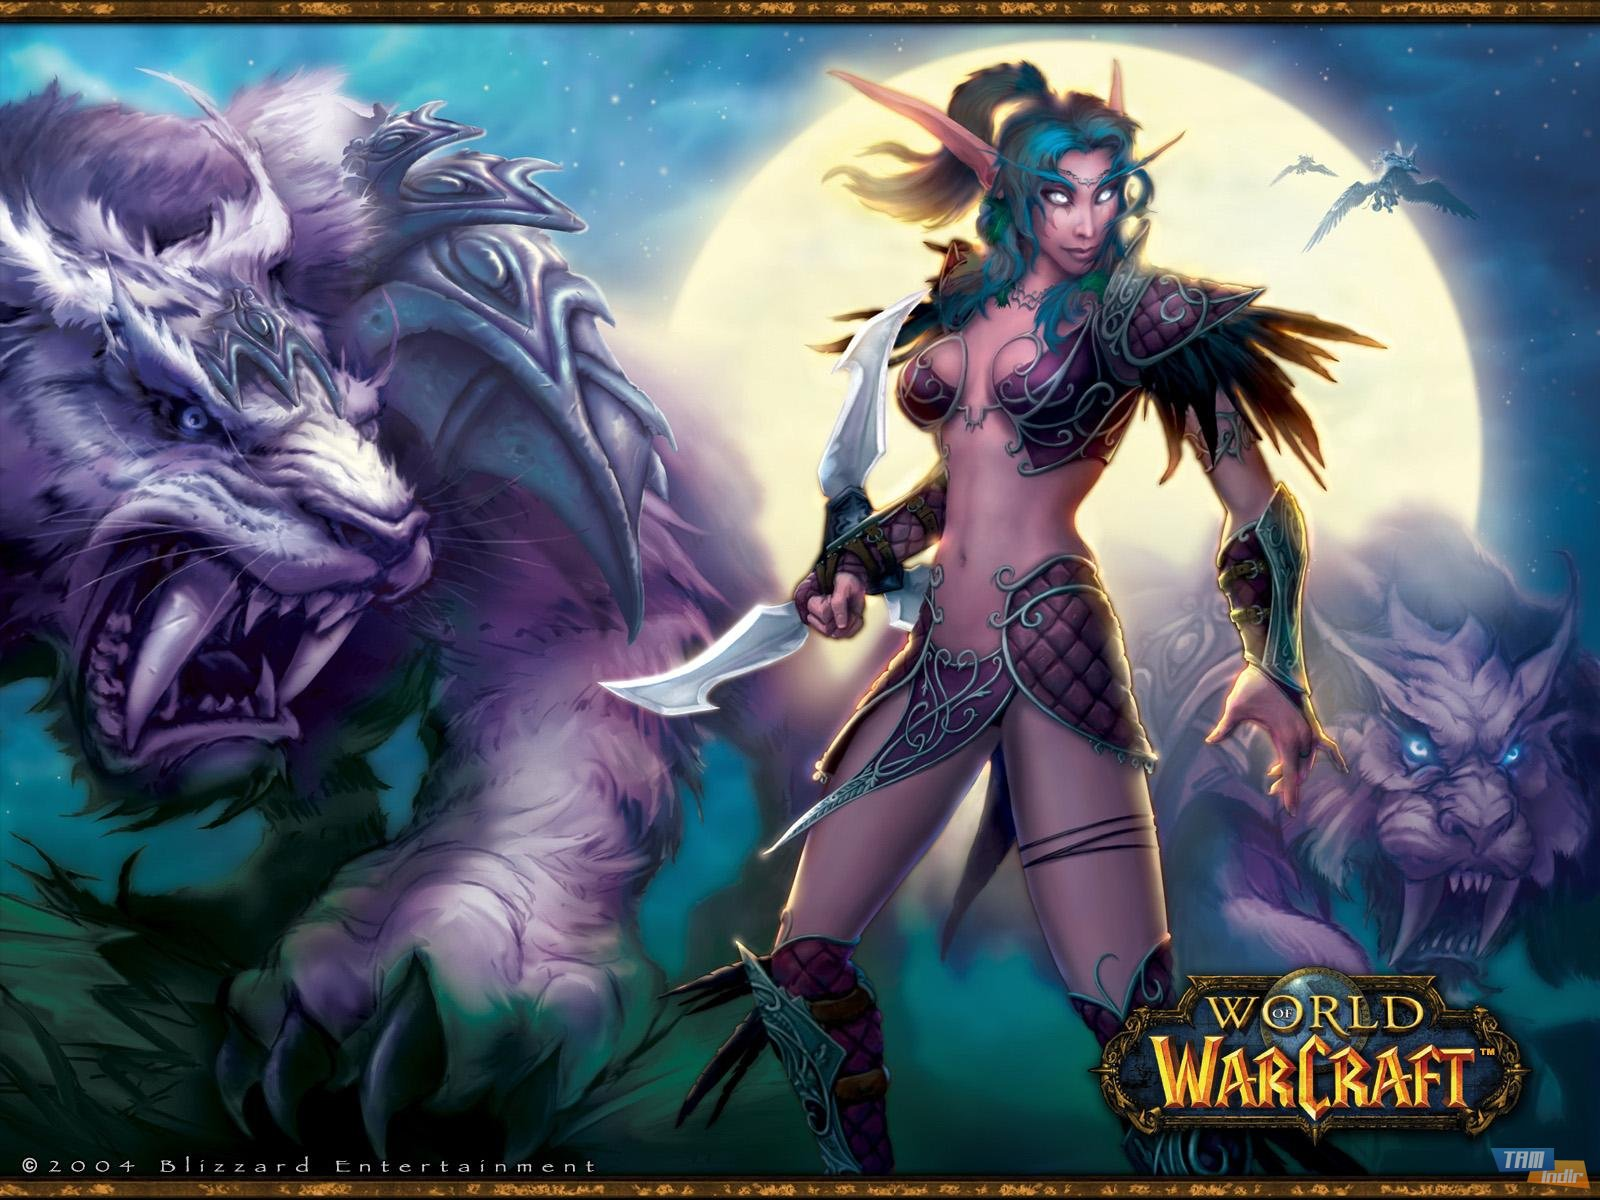 Warcraft 3 xxx blod elf image erotica photo